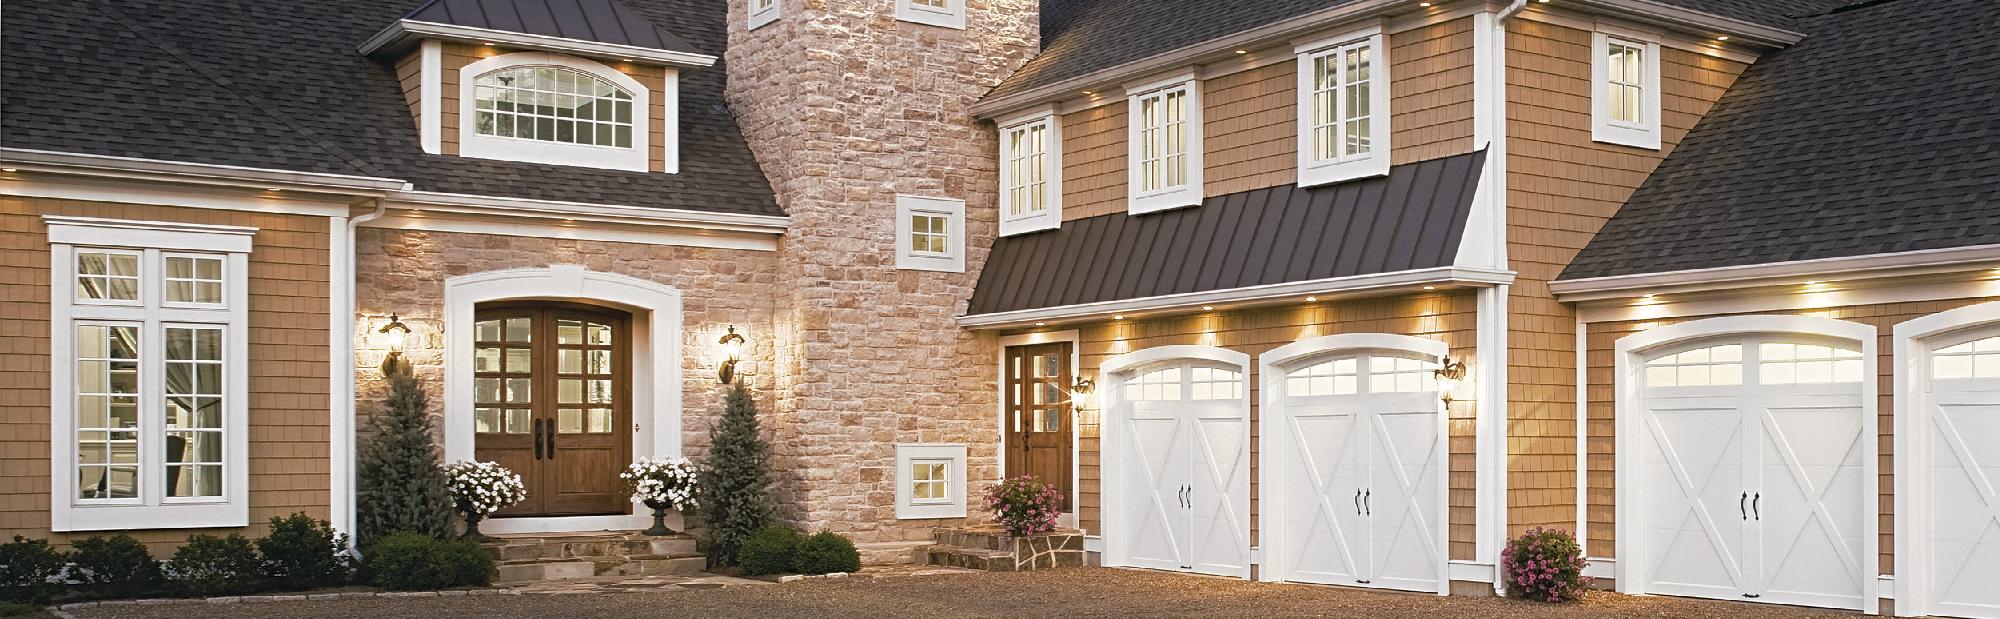 Residential Amp Commercial Garage Doors Marvin S Garage Doors